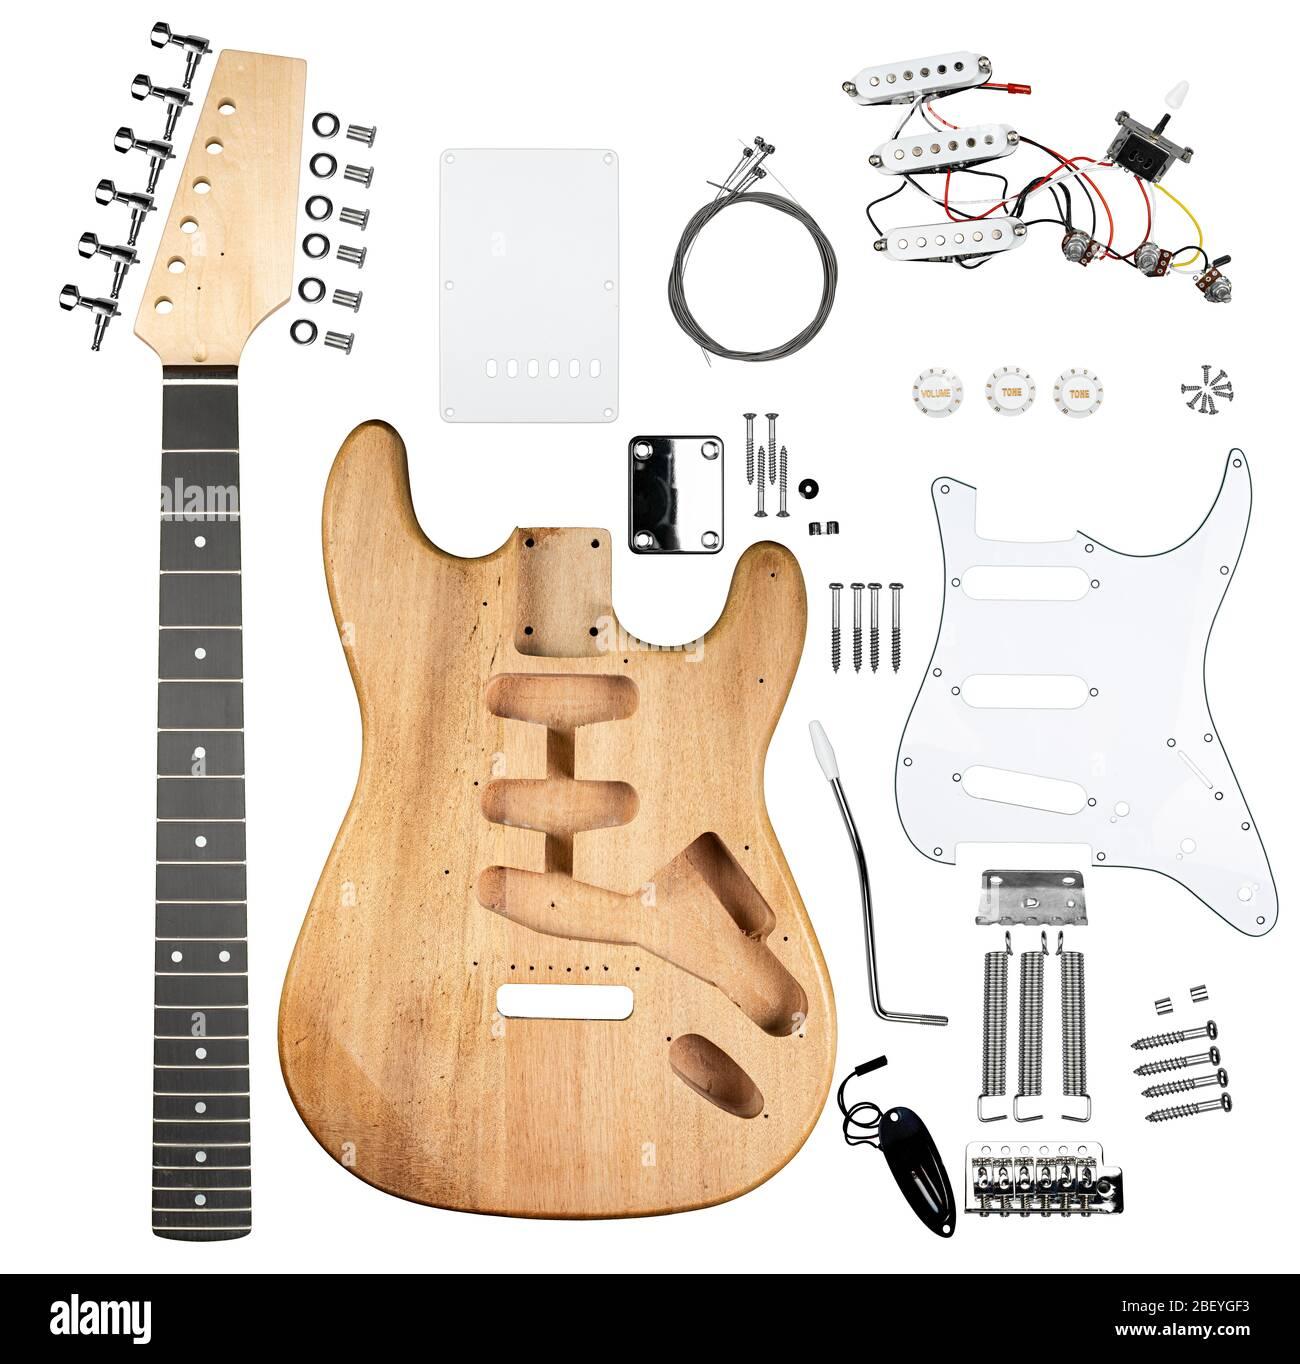 Kit chitarra elettrica fai da te con tutte le parti.